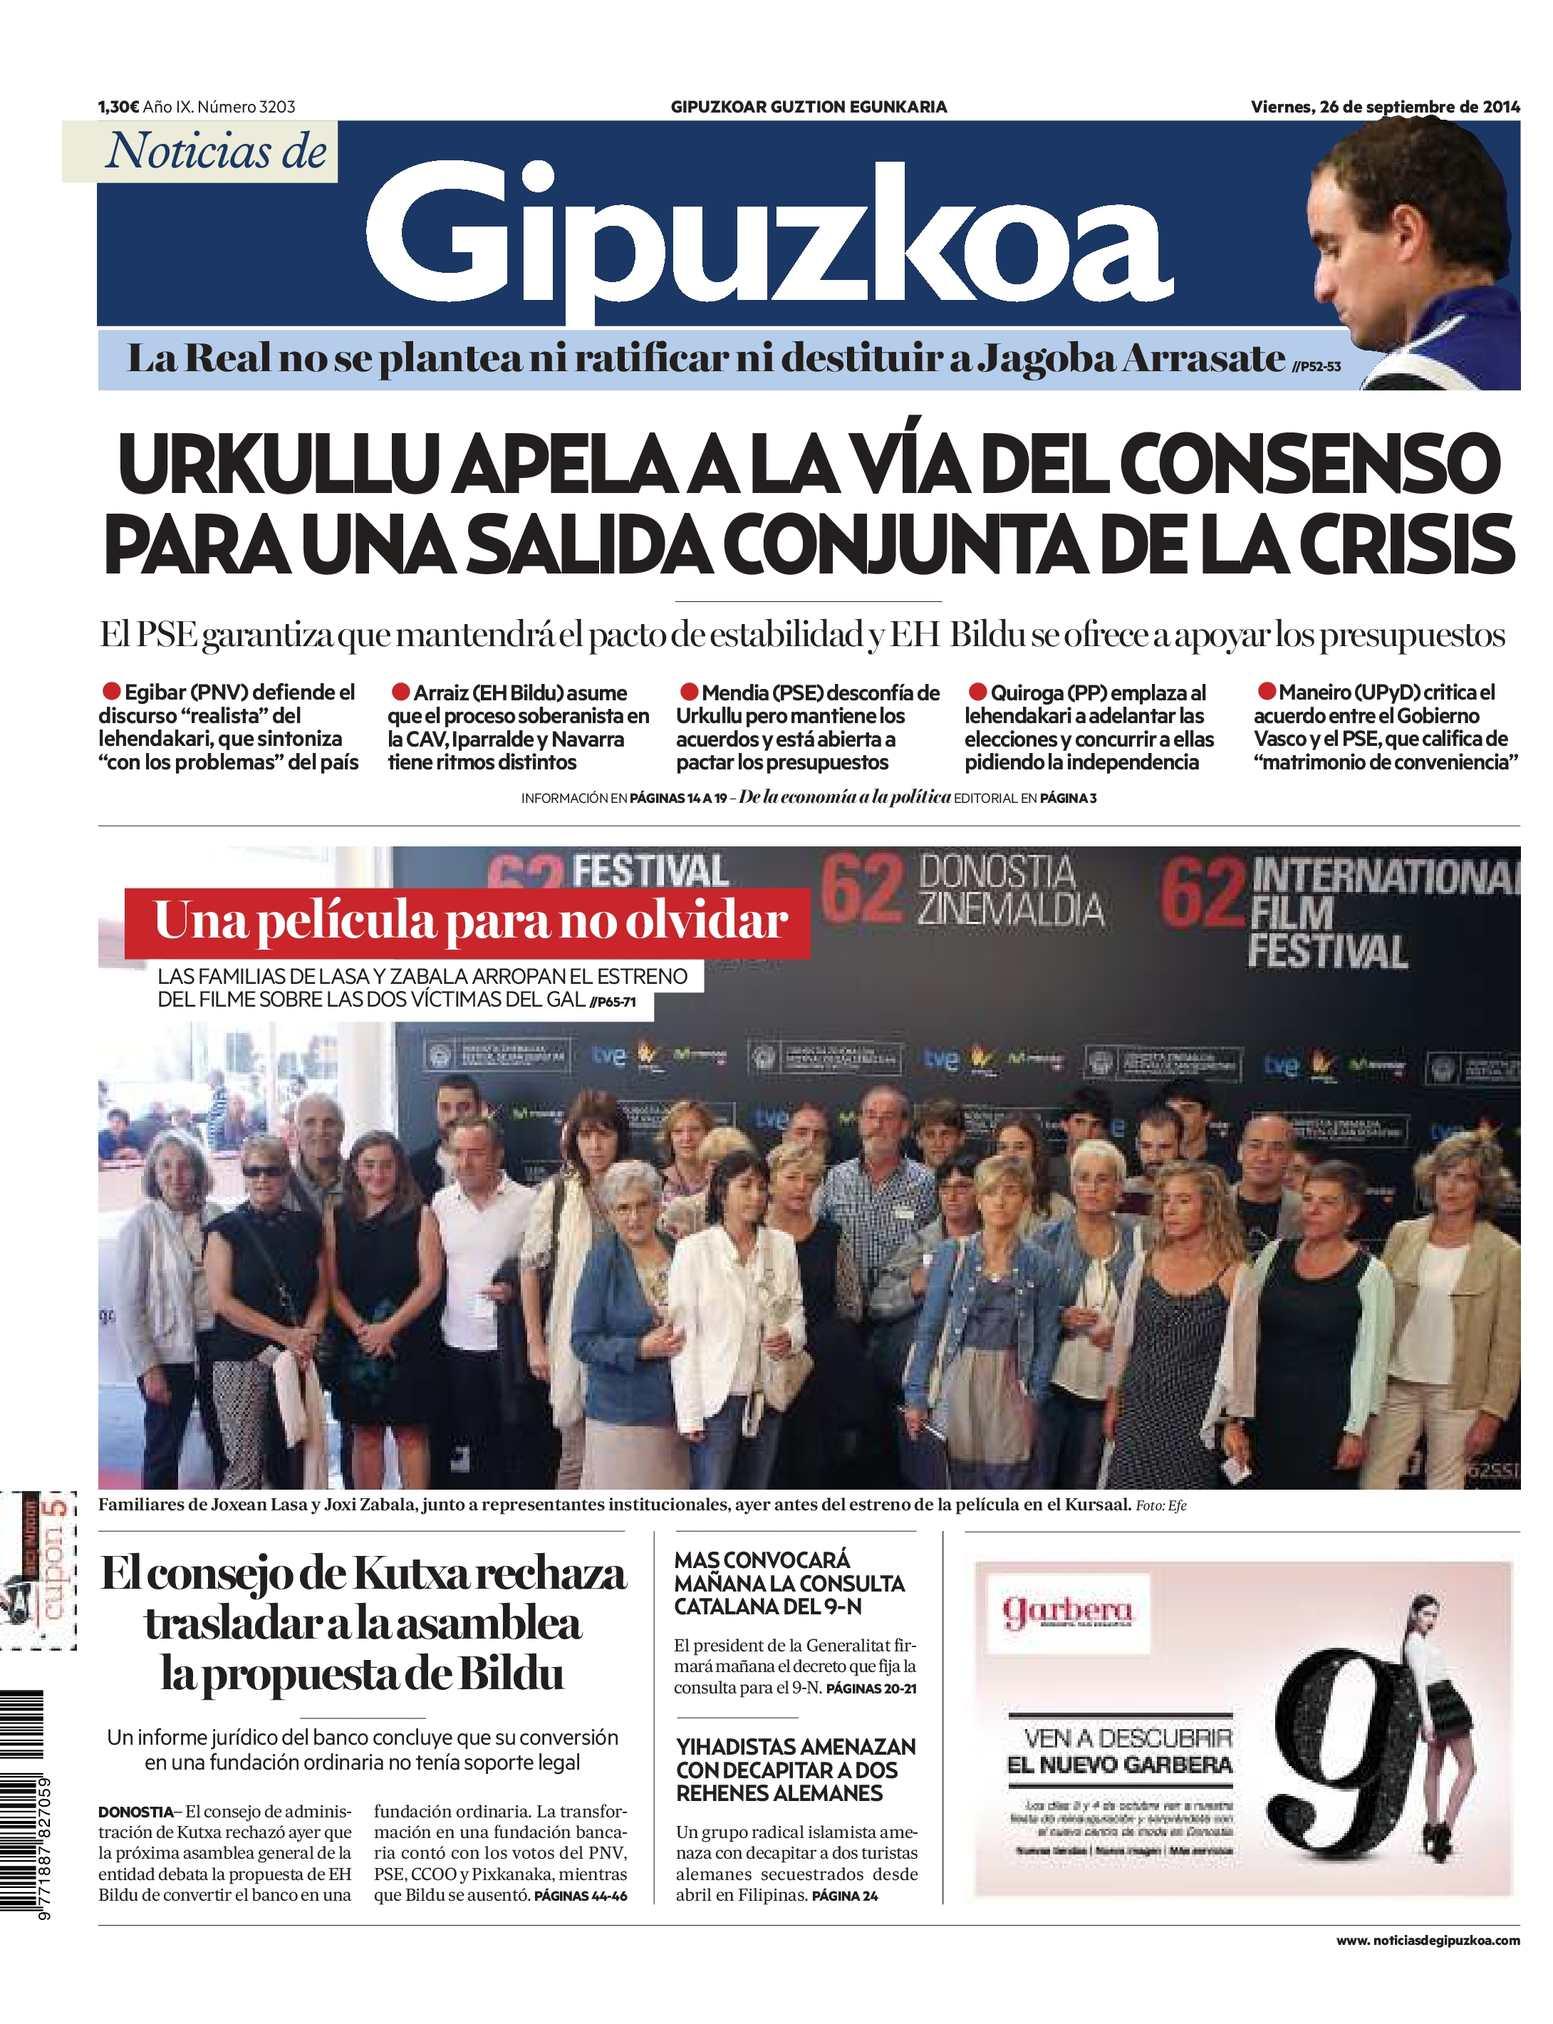 Calaméo - Noticias de Gipuzkoa 20140926